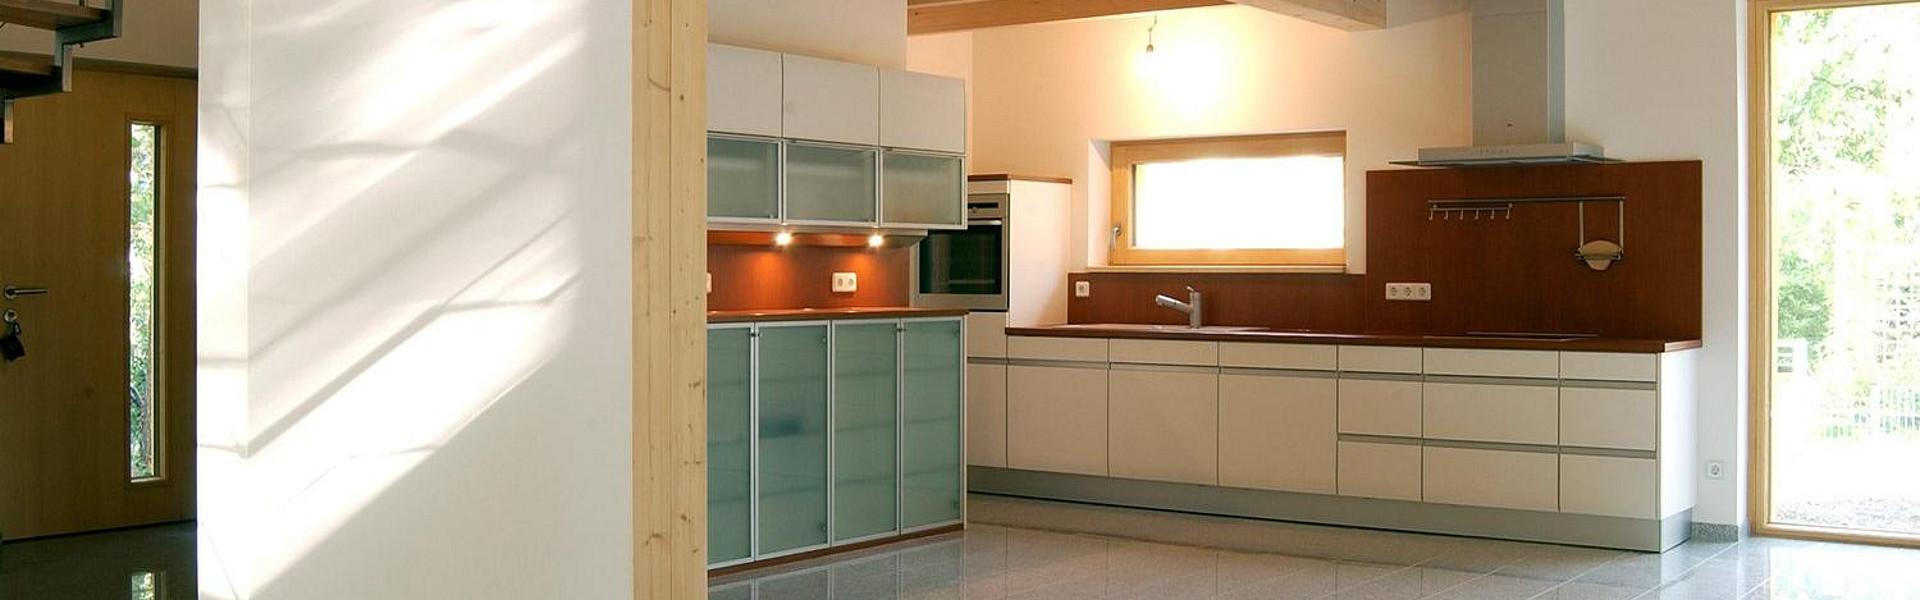 Luft-Wasser-Wärmepumpe: Küche